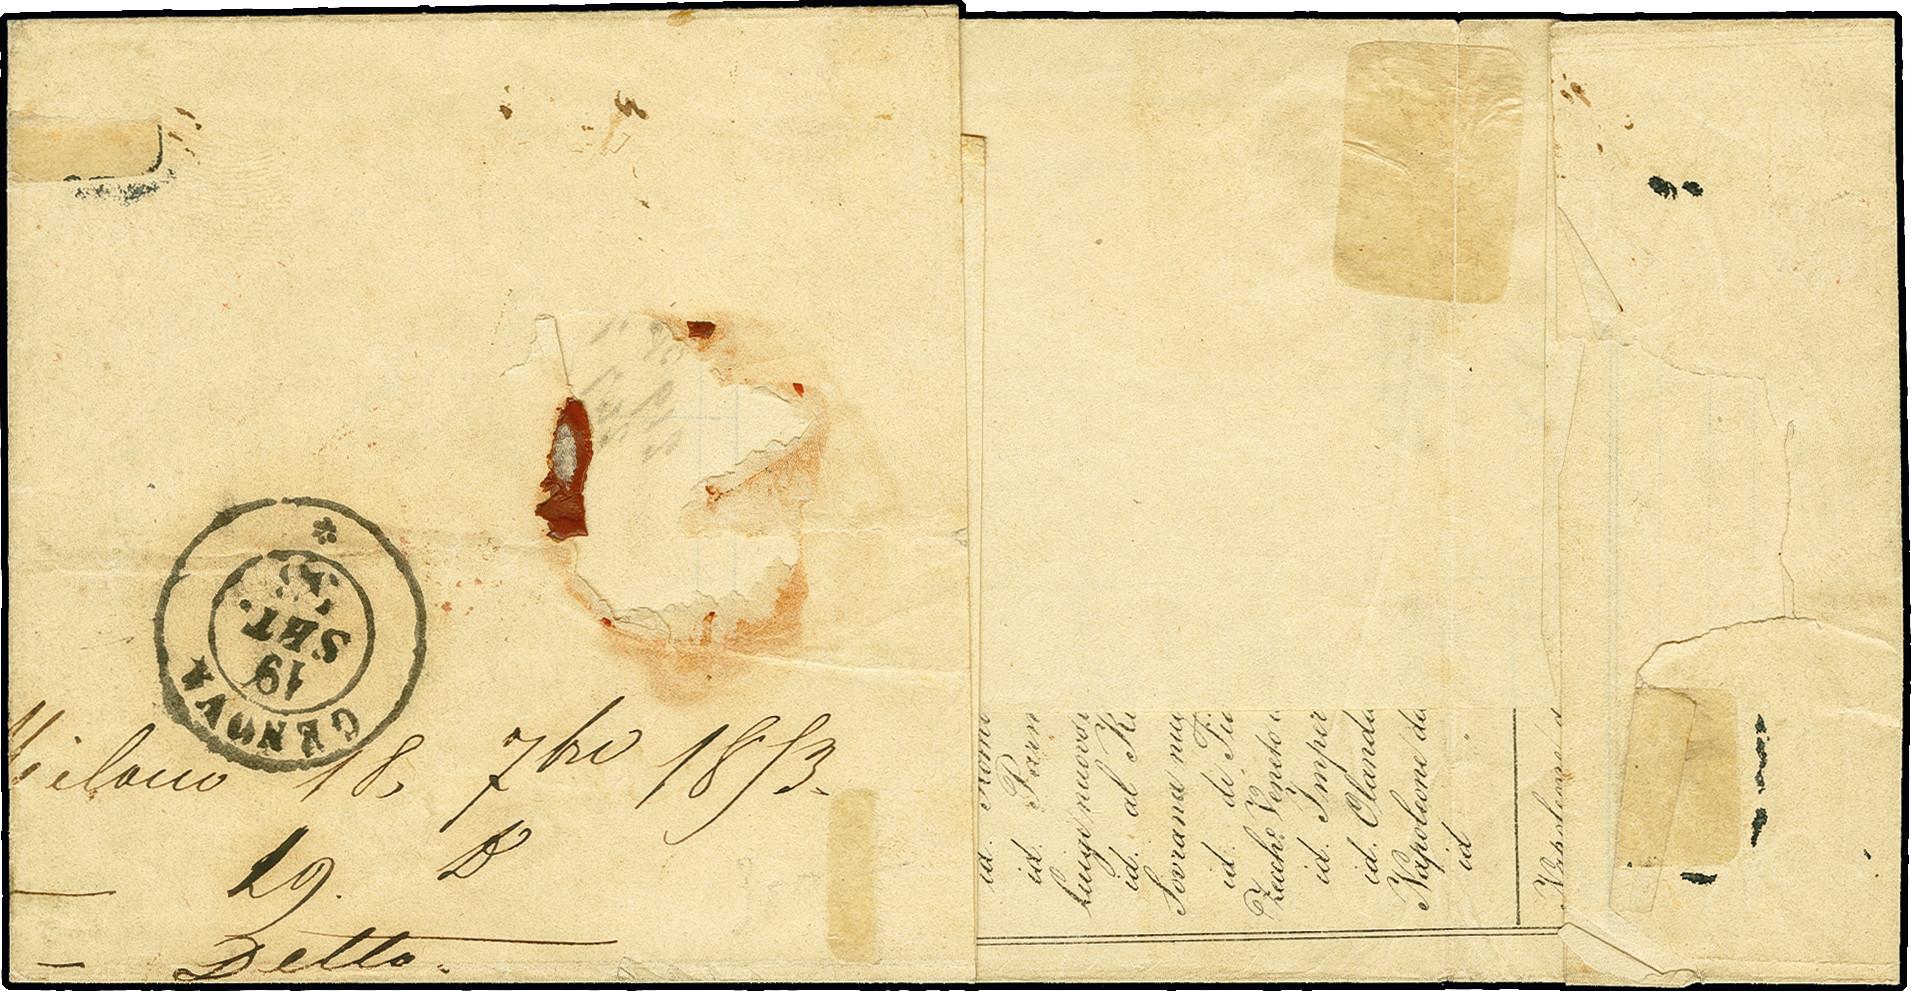 Lot 1101 - österreich lombardy venetia -  Heinrich Koehler Auktionen 375rd Heinrich Köhler auction - Day 1